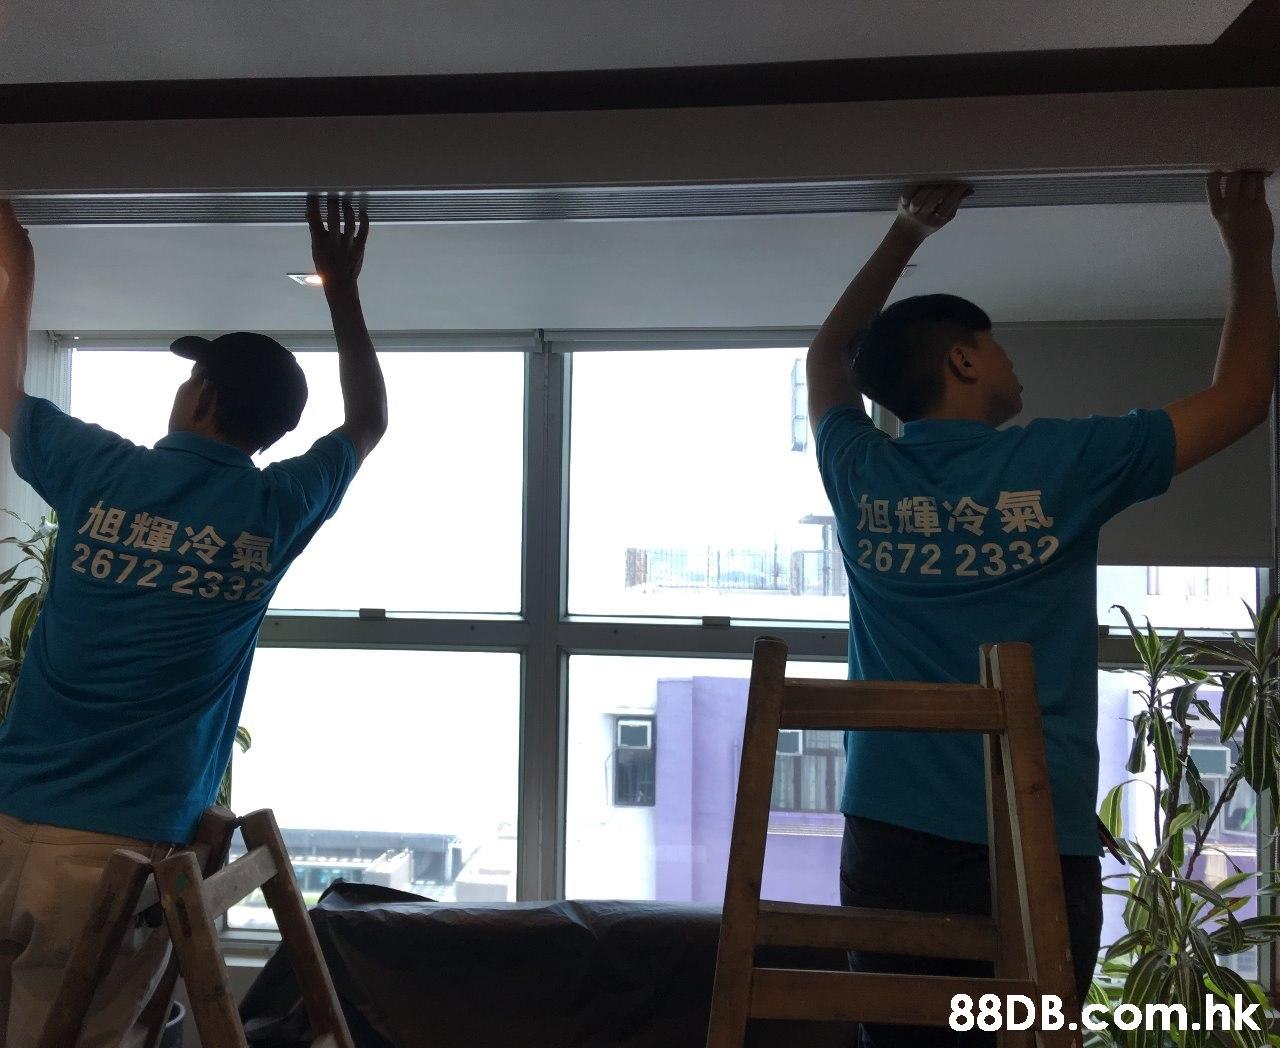 旭輝冷氣 2672 2332 旭輝冷氣 2672 2332 .hk  Ceiling,Room,Window,